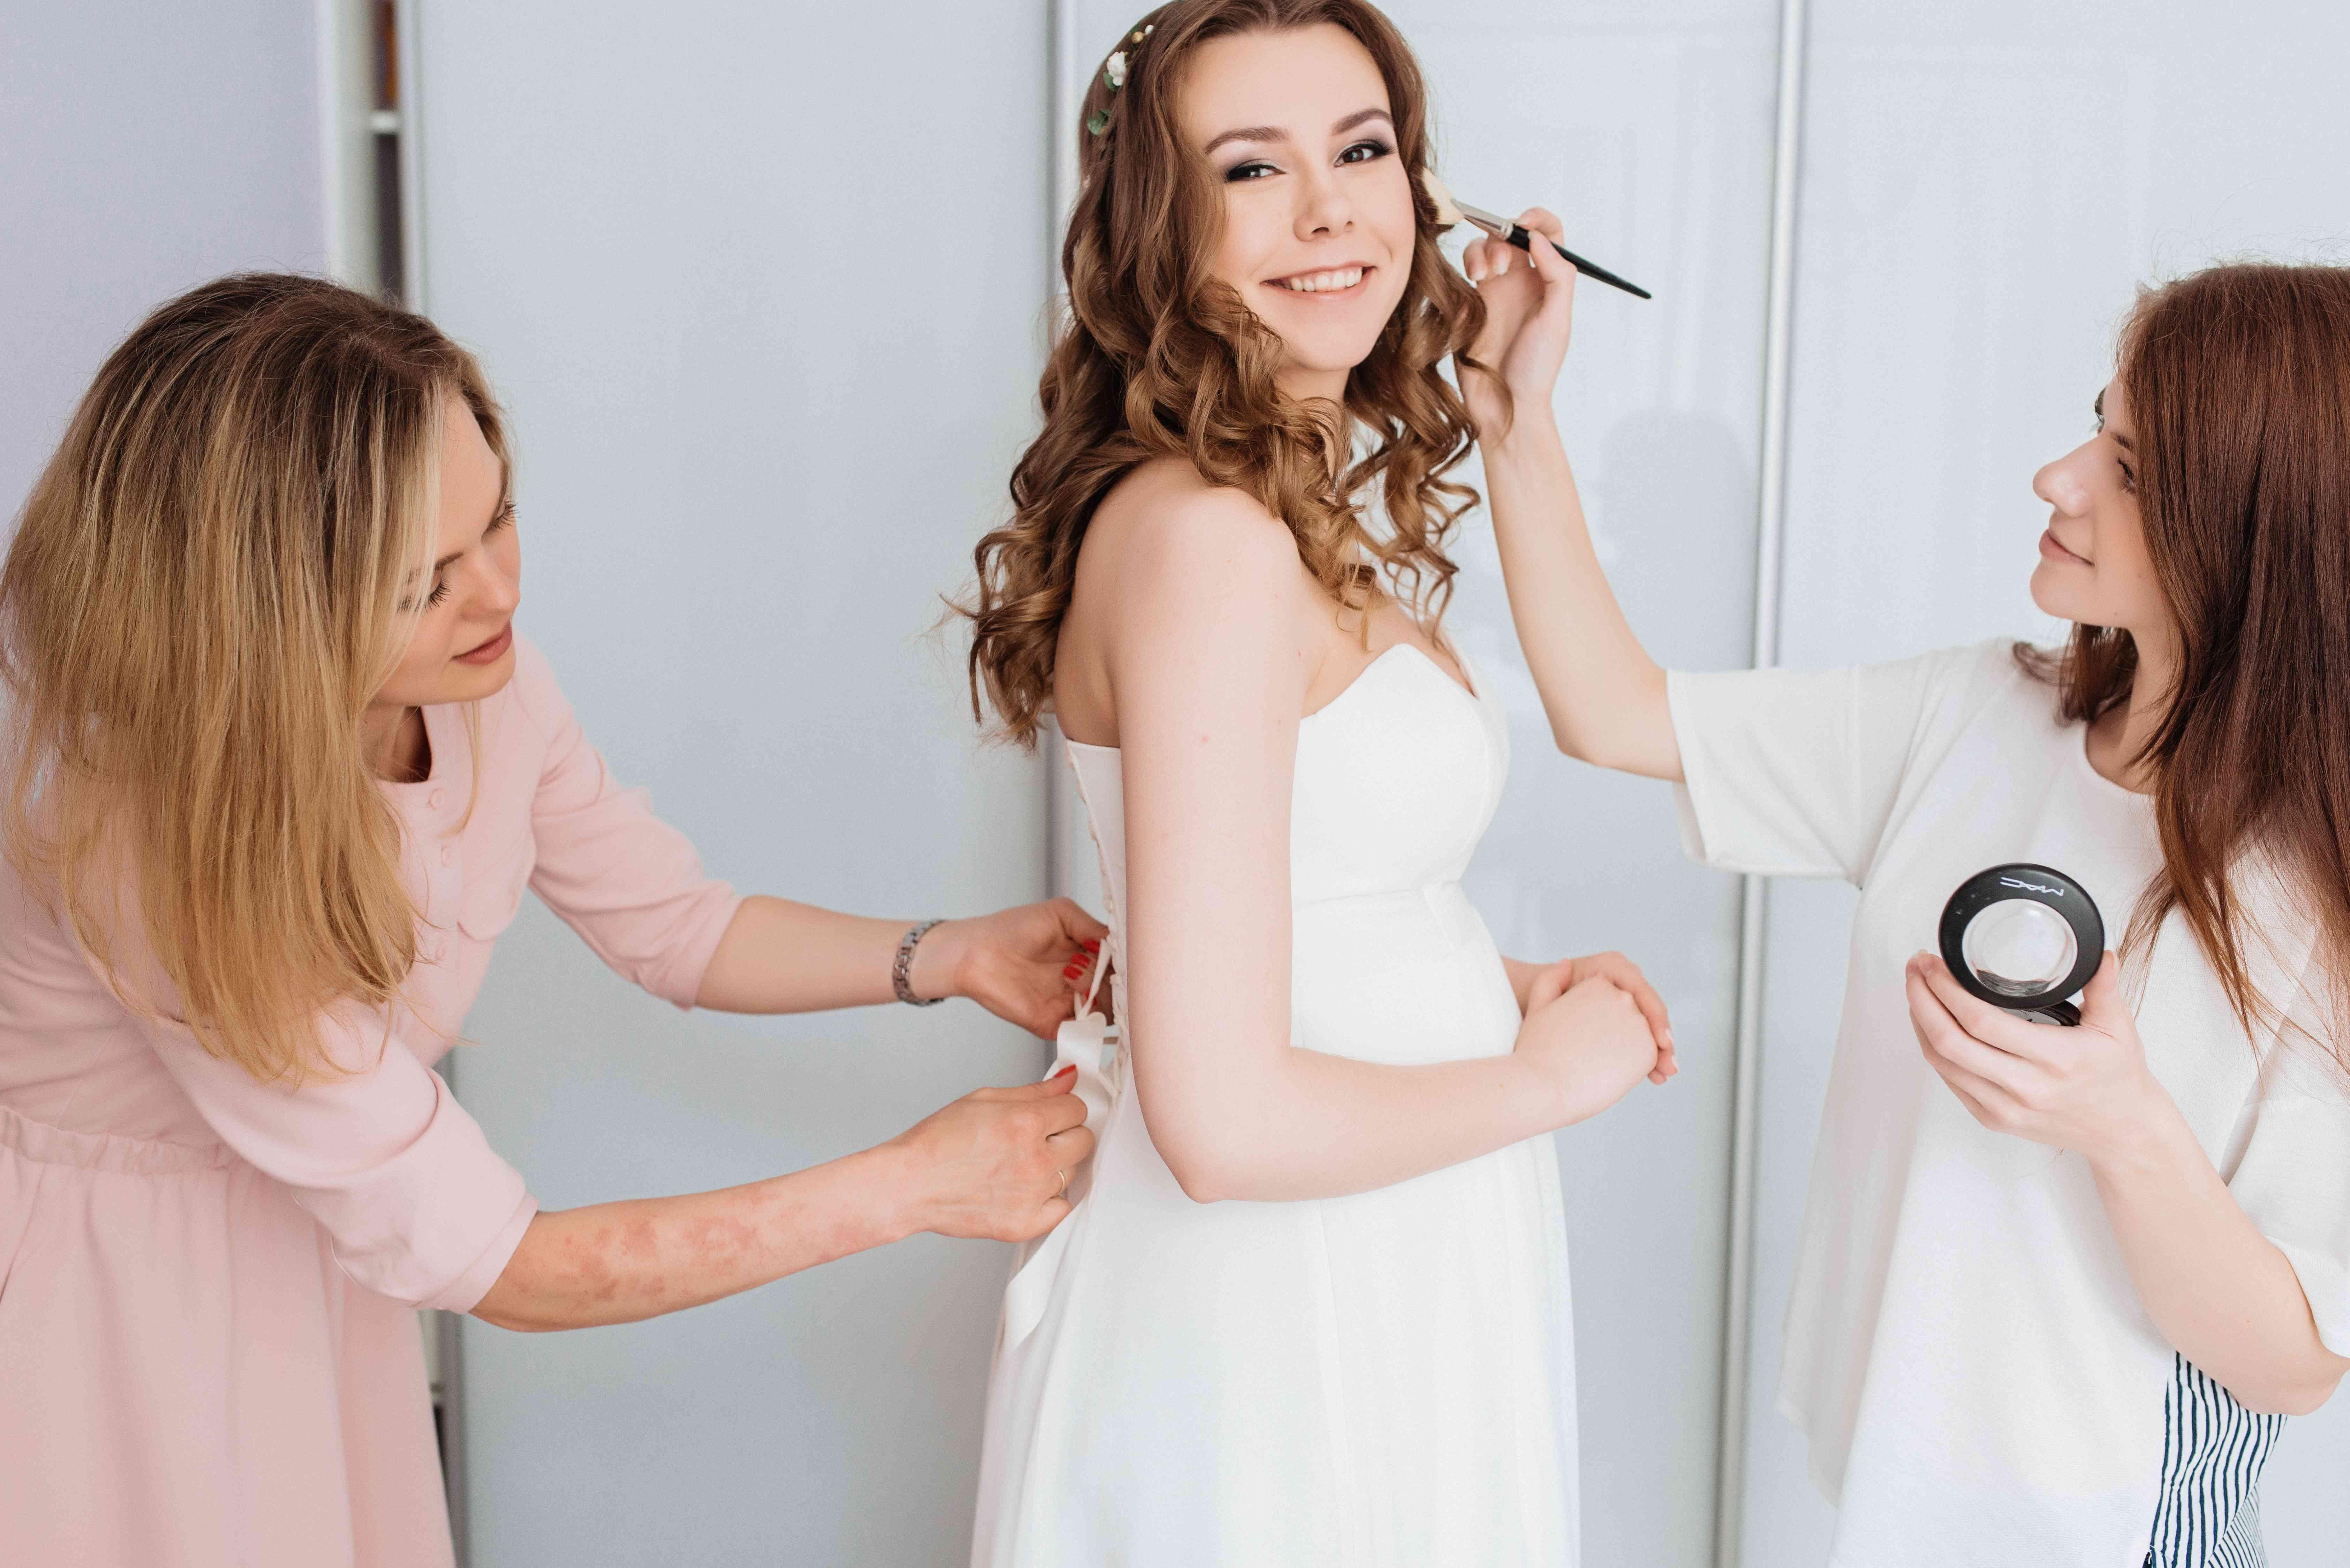 утро невесты, сборы невесты